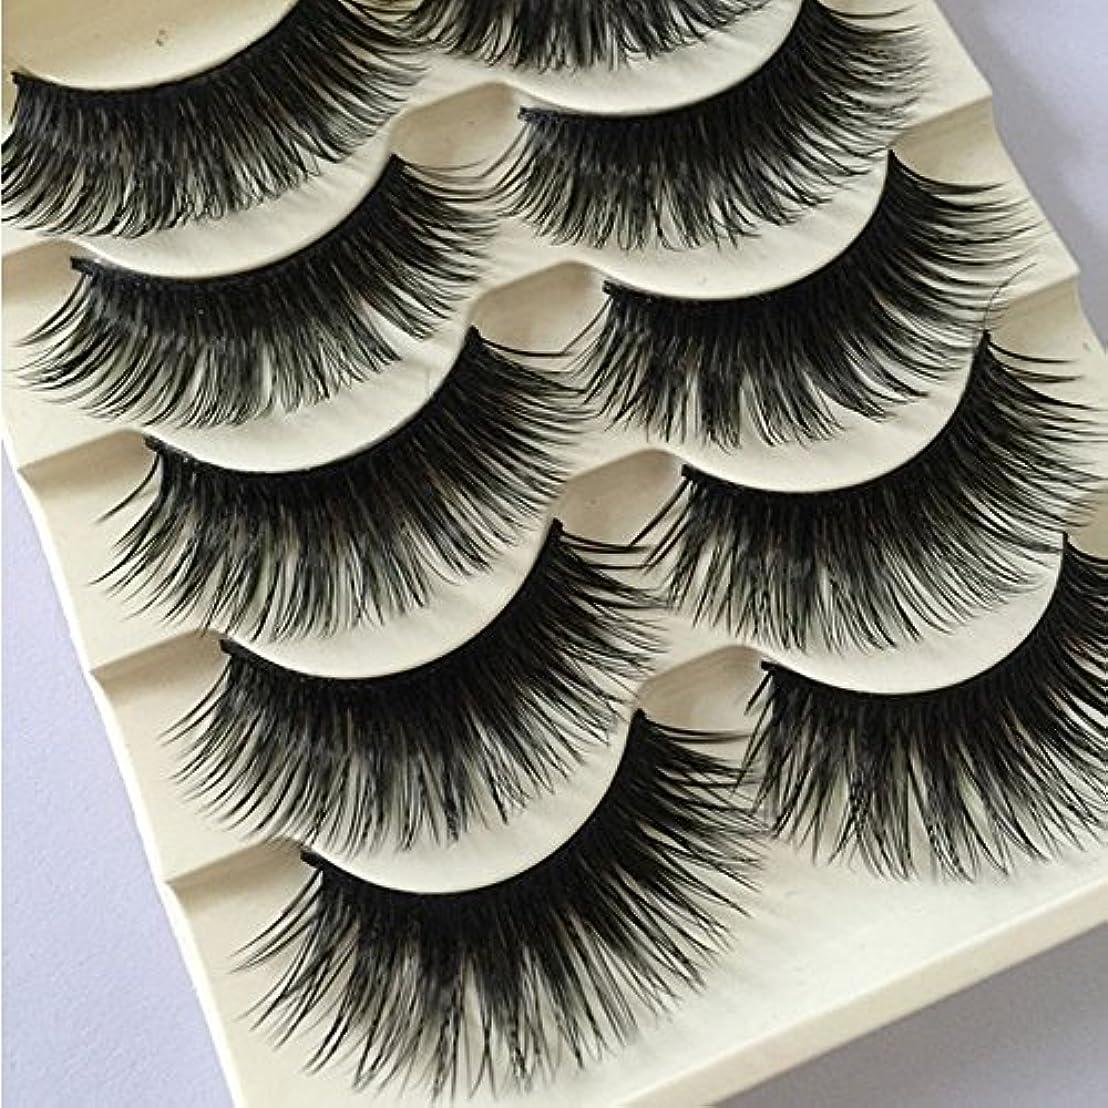 郵便屋さんジュースパスタ5 Pairs Women Fashion Natural Long Fake Eye Lashes Handmade Thick False Eyelashes Black Makeup Tool New